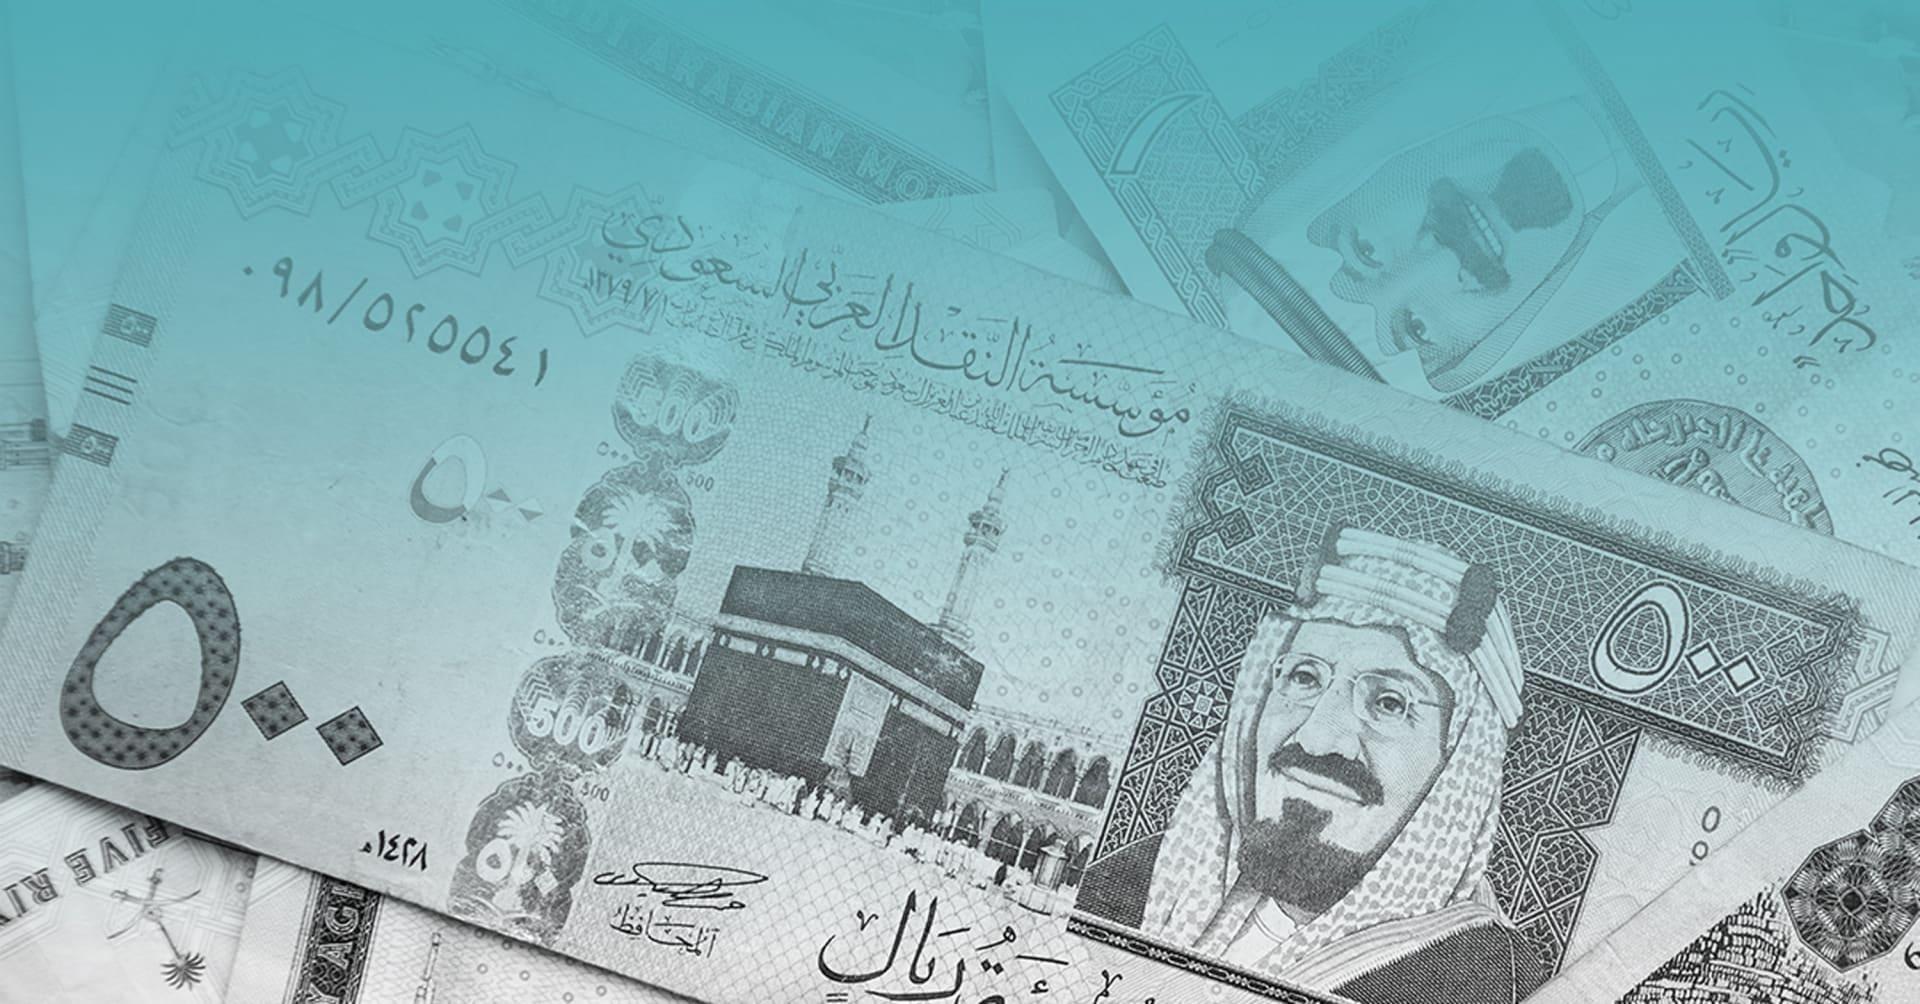 """رجل الأعمال الذي تنبأ بأزمة النفط يراهن ضد السعودية: سترتطم بالجدار قريبا وبيع حصص أرامكو """"الأوزة الذهبية هو جنون"""""""